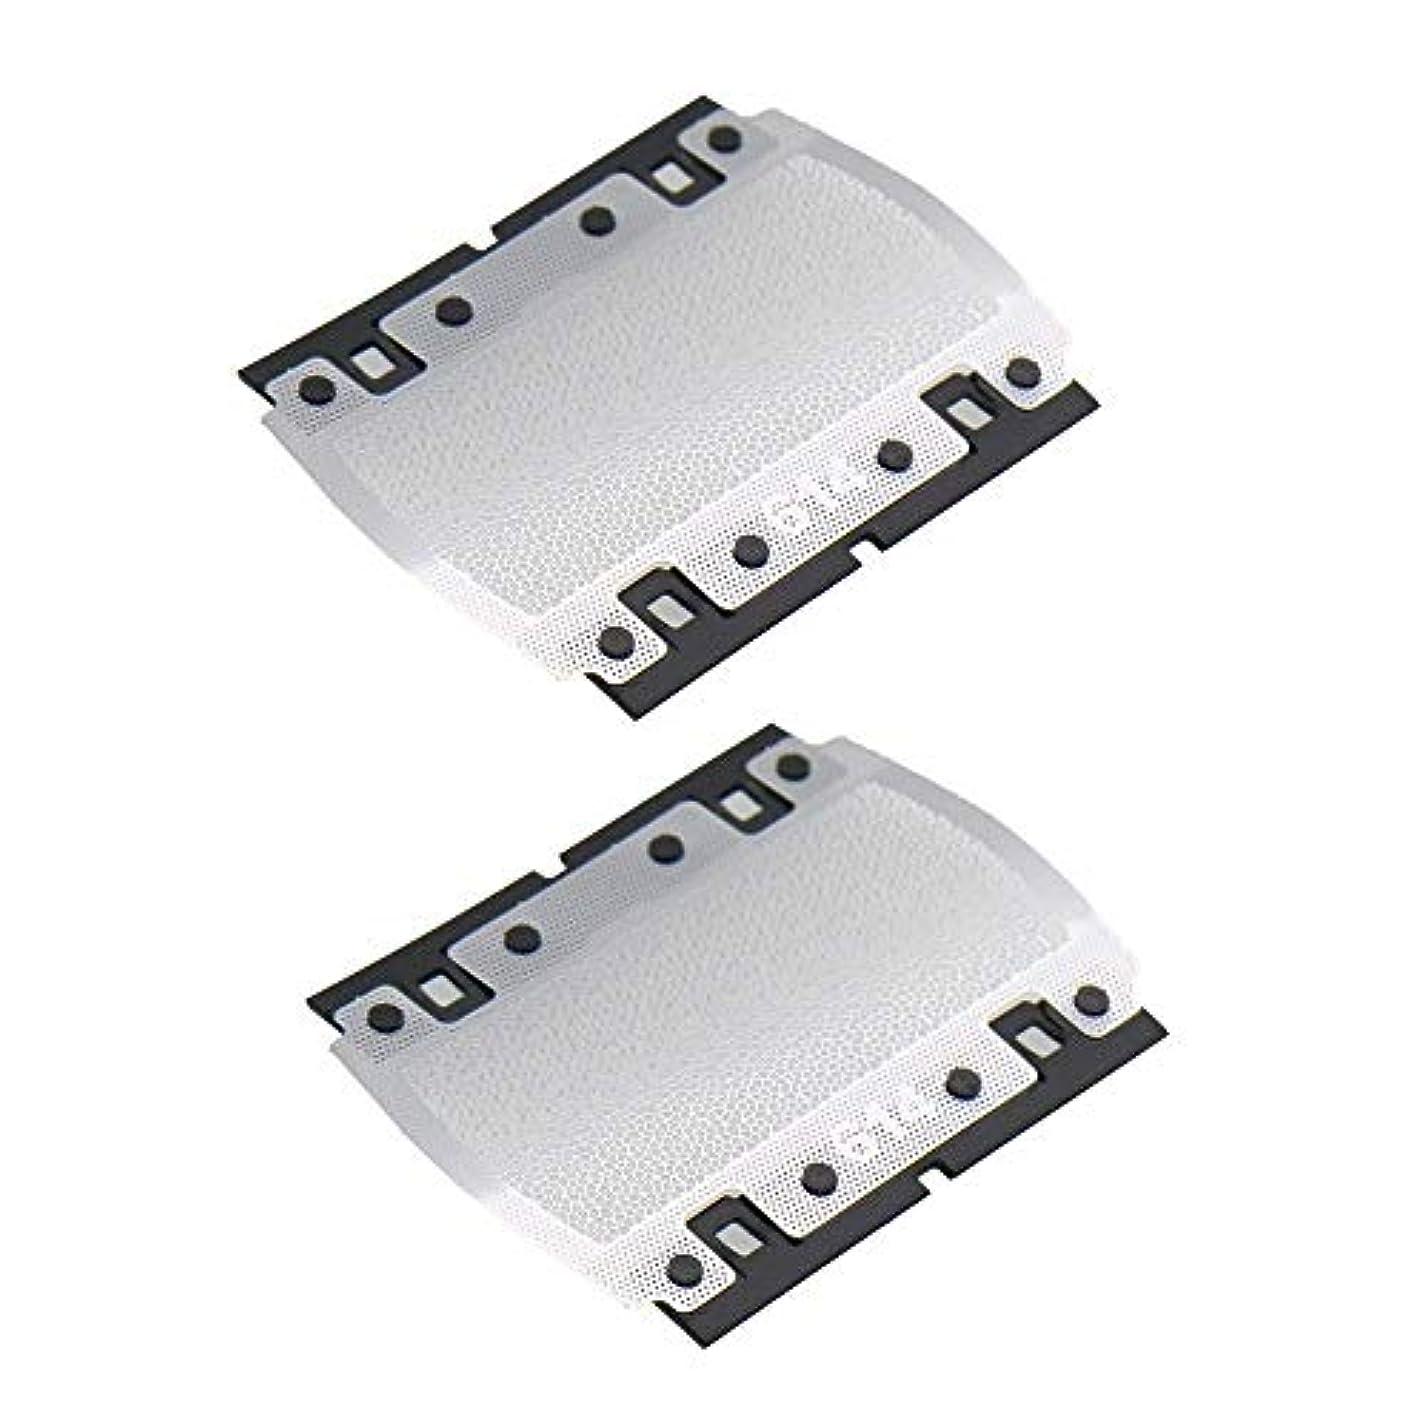 うれしい部管理するVWONST 614 Shaver Foil Screen For Braun PocketGo Pocket Twist E-Razor 614 350 355 370 375 5614 5615 P10 Shaver...